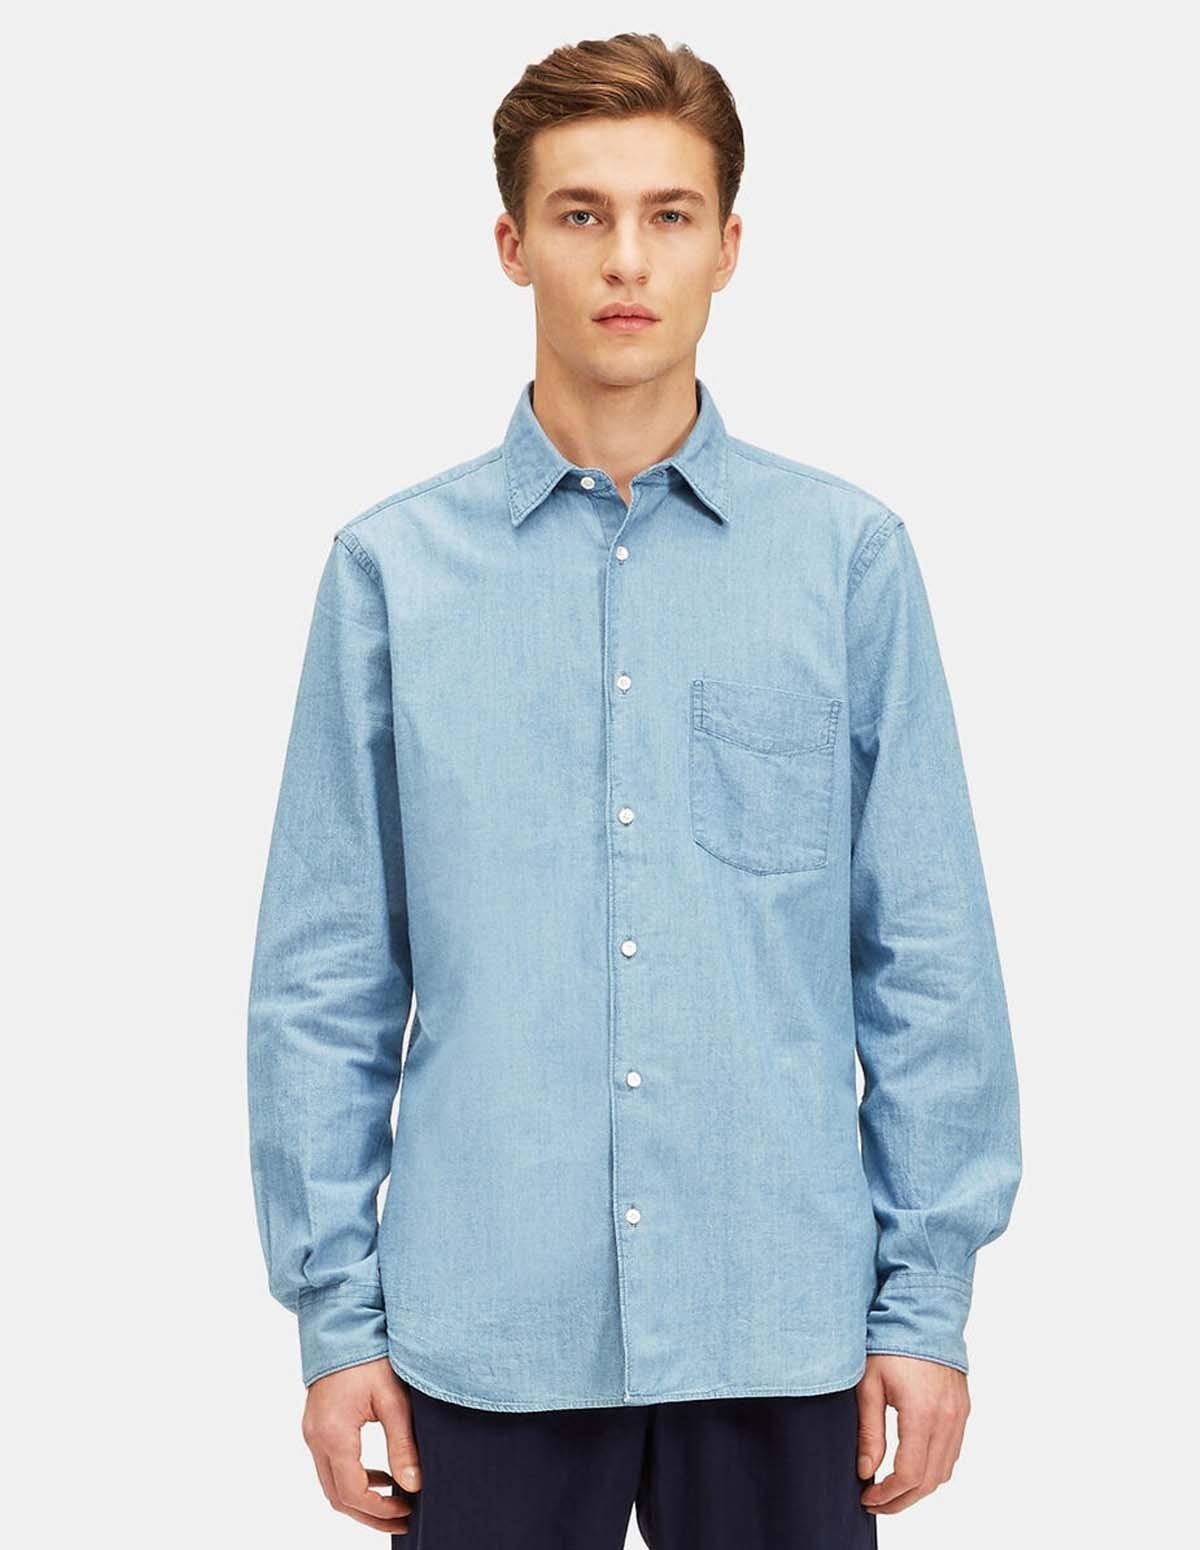 Aspesi Mod Sedici Shirt - MEDUIM DEN